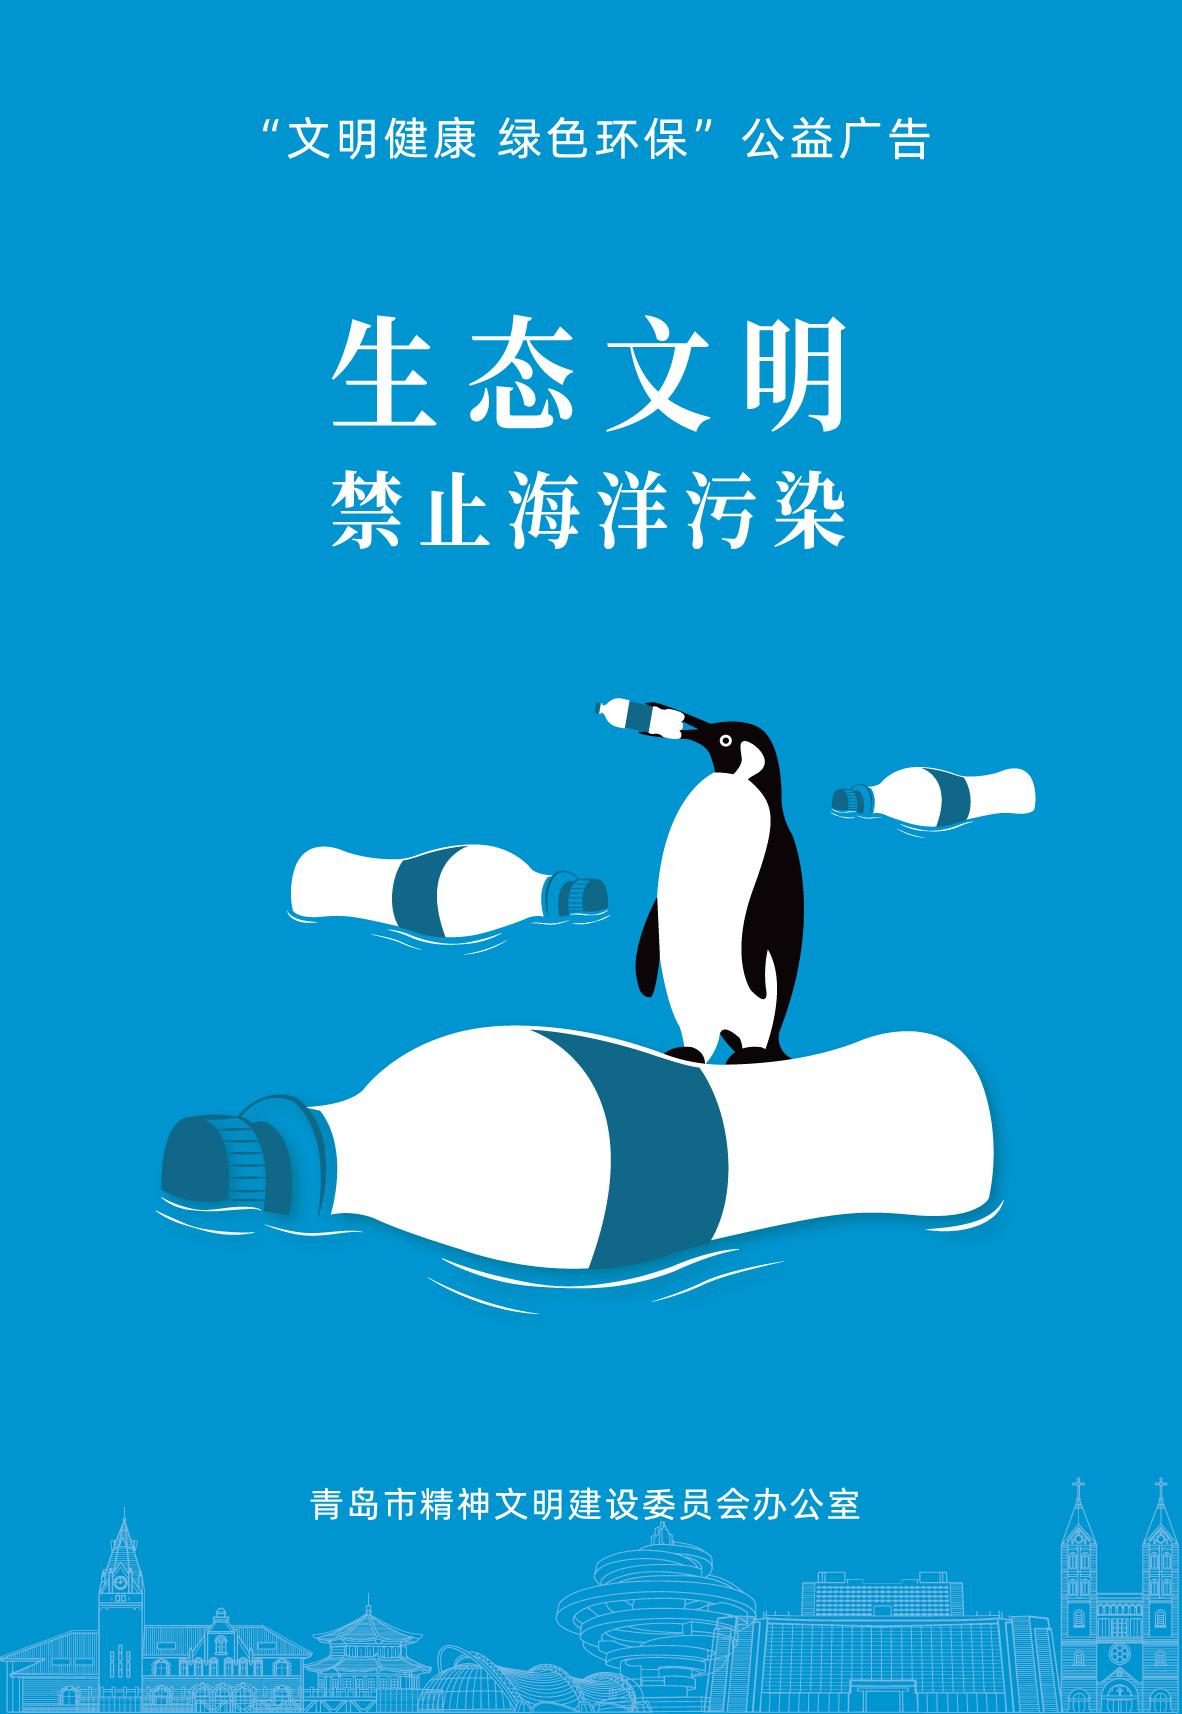 绿色环保:生态文明 禁止海洋污染.jpg